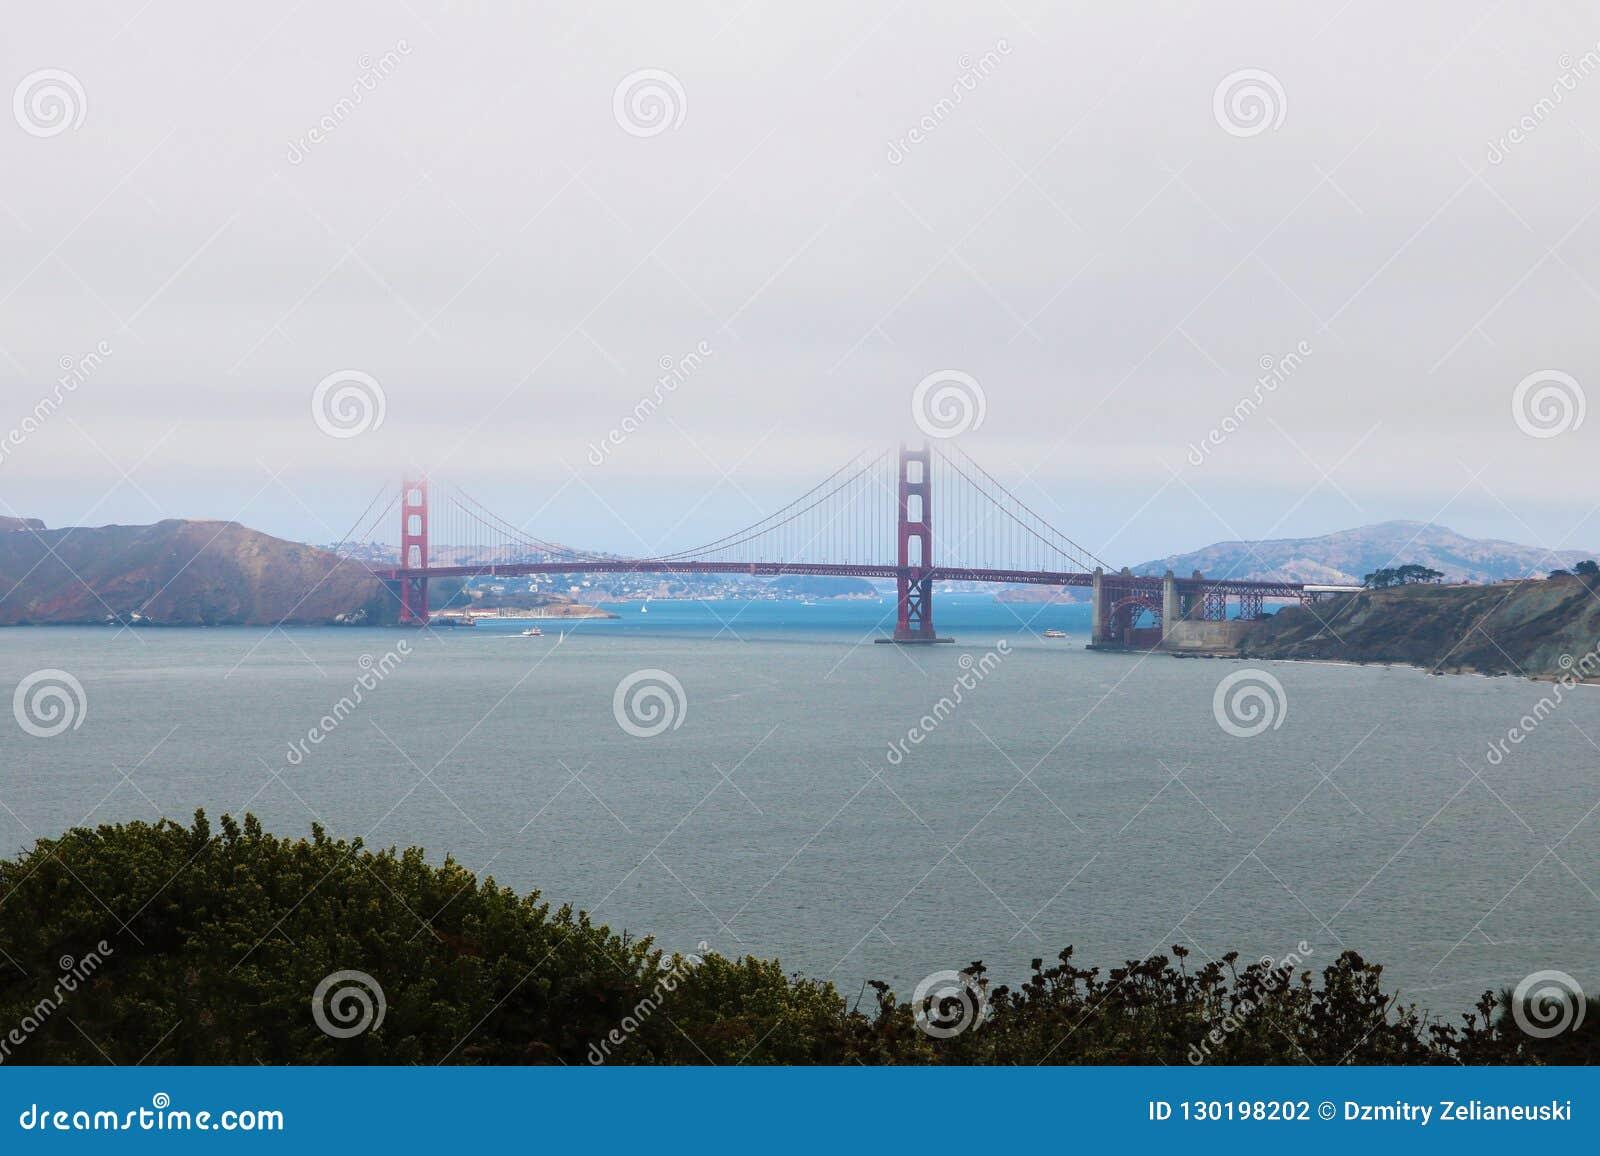 Άποψη της γέφυρας, που κρύβεται κατά το ήμισυ στην ομίχλη